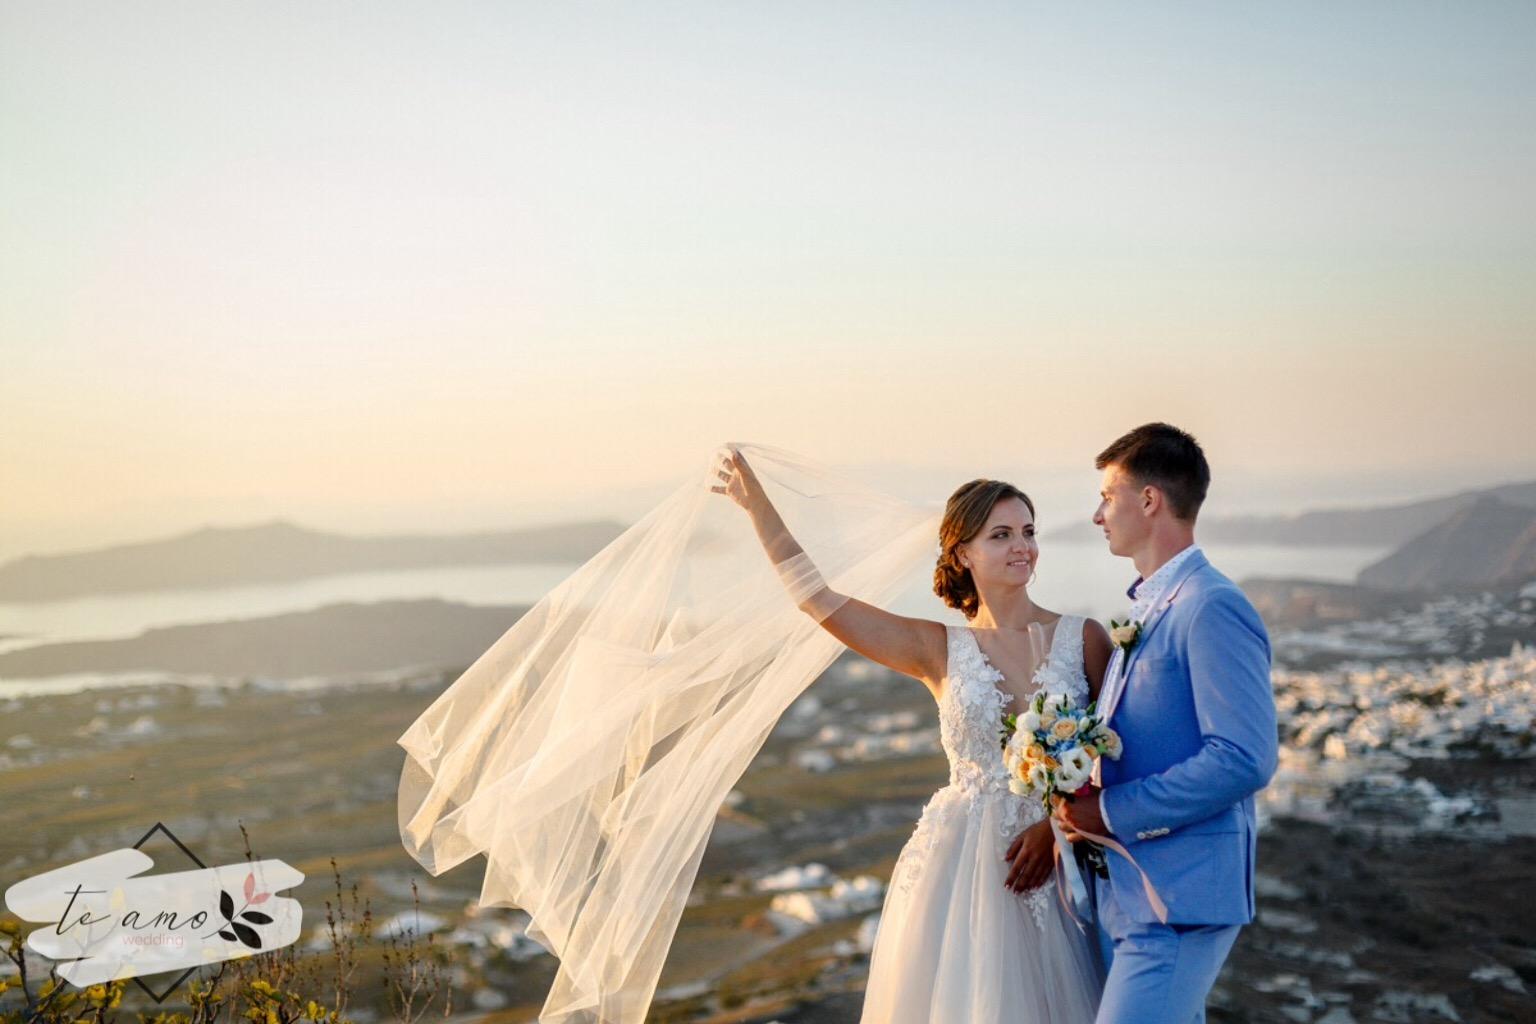 A&A | Te Amo Wedding